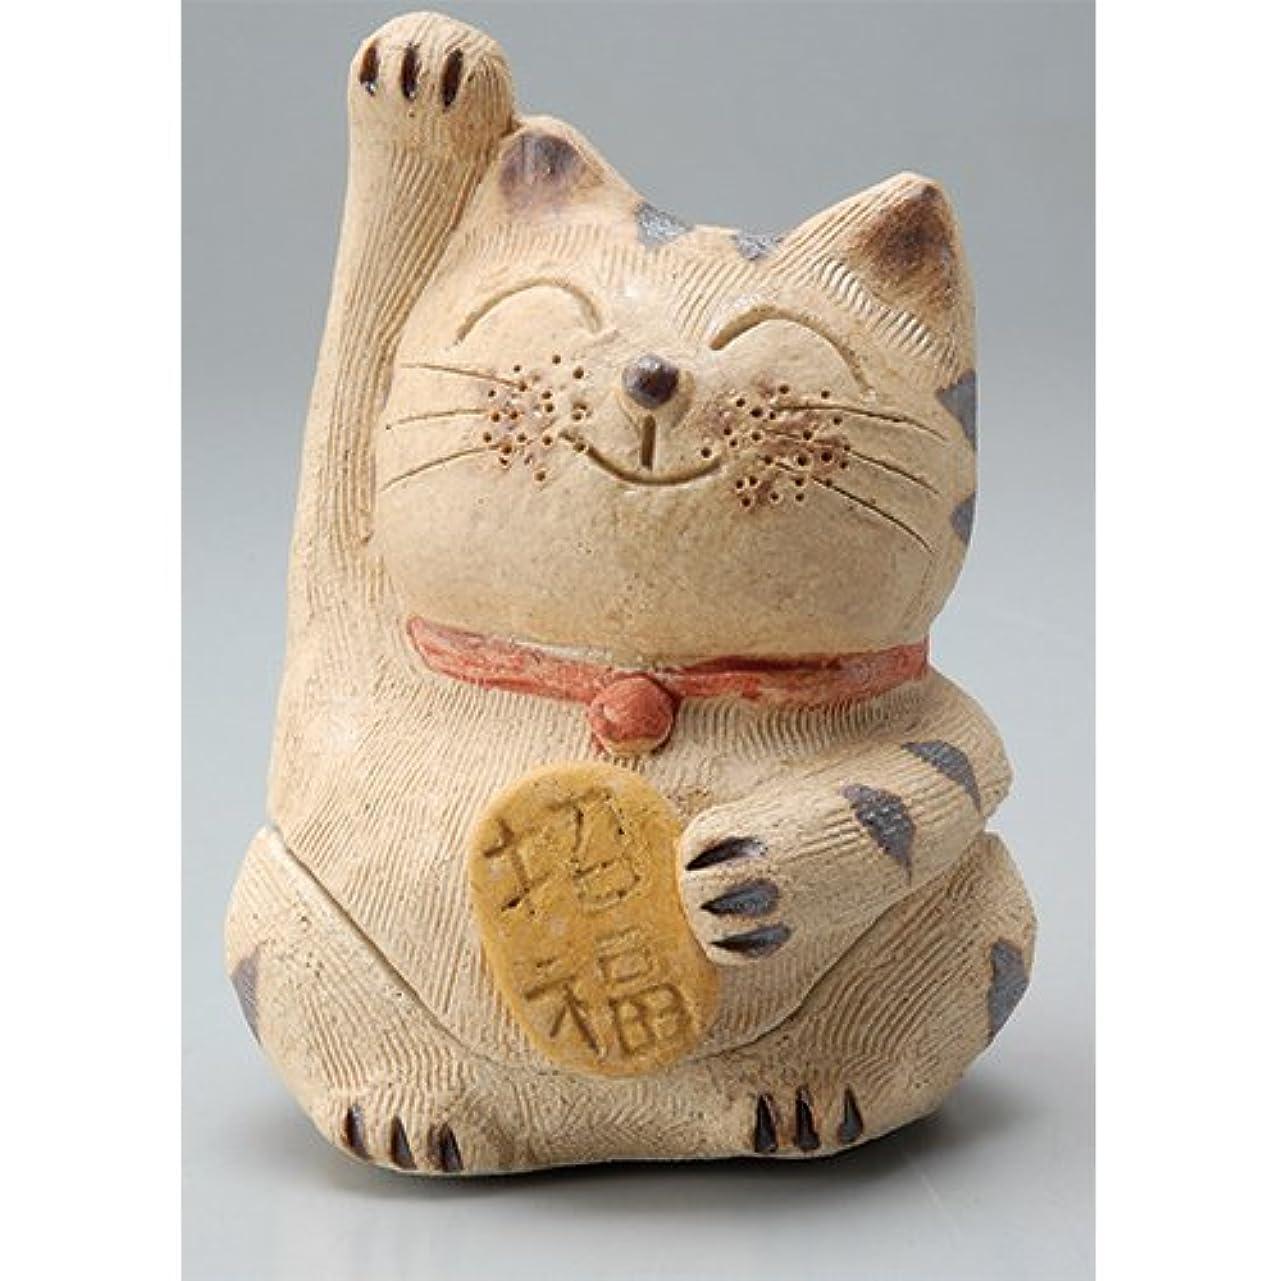 禁止する思い出させる牛肉香炉 微笑み招き猫(お金招き)香炉(小) [H8.5cm] HANDMADE プレゼント ギフト 和食器 かわいい インテリア